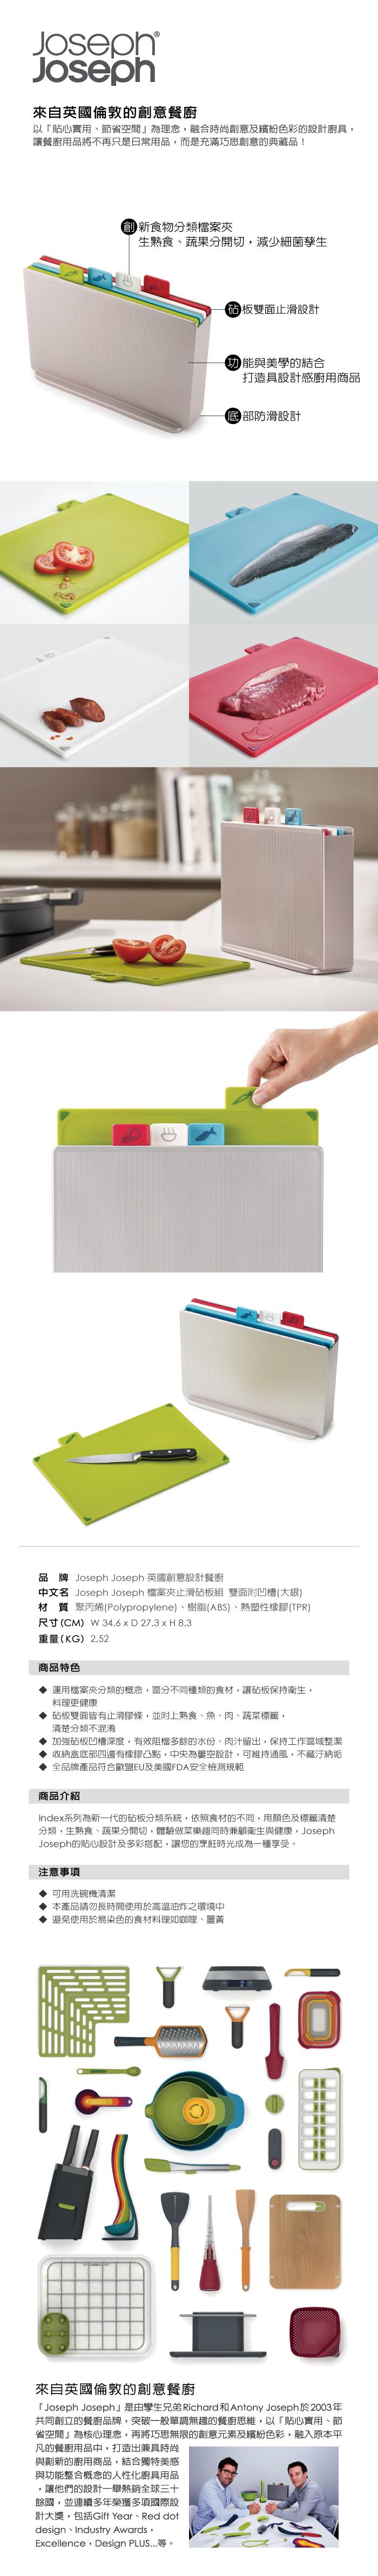 (複製)Joseph Joseph 英國創意餐廚 檔案夾止滑砧板組-雙面附凹槽(大灰)